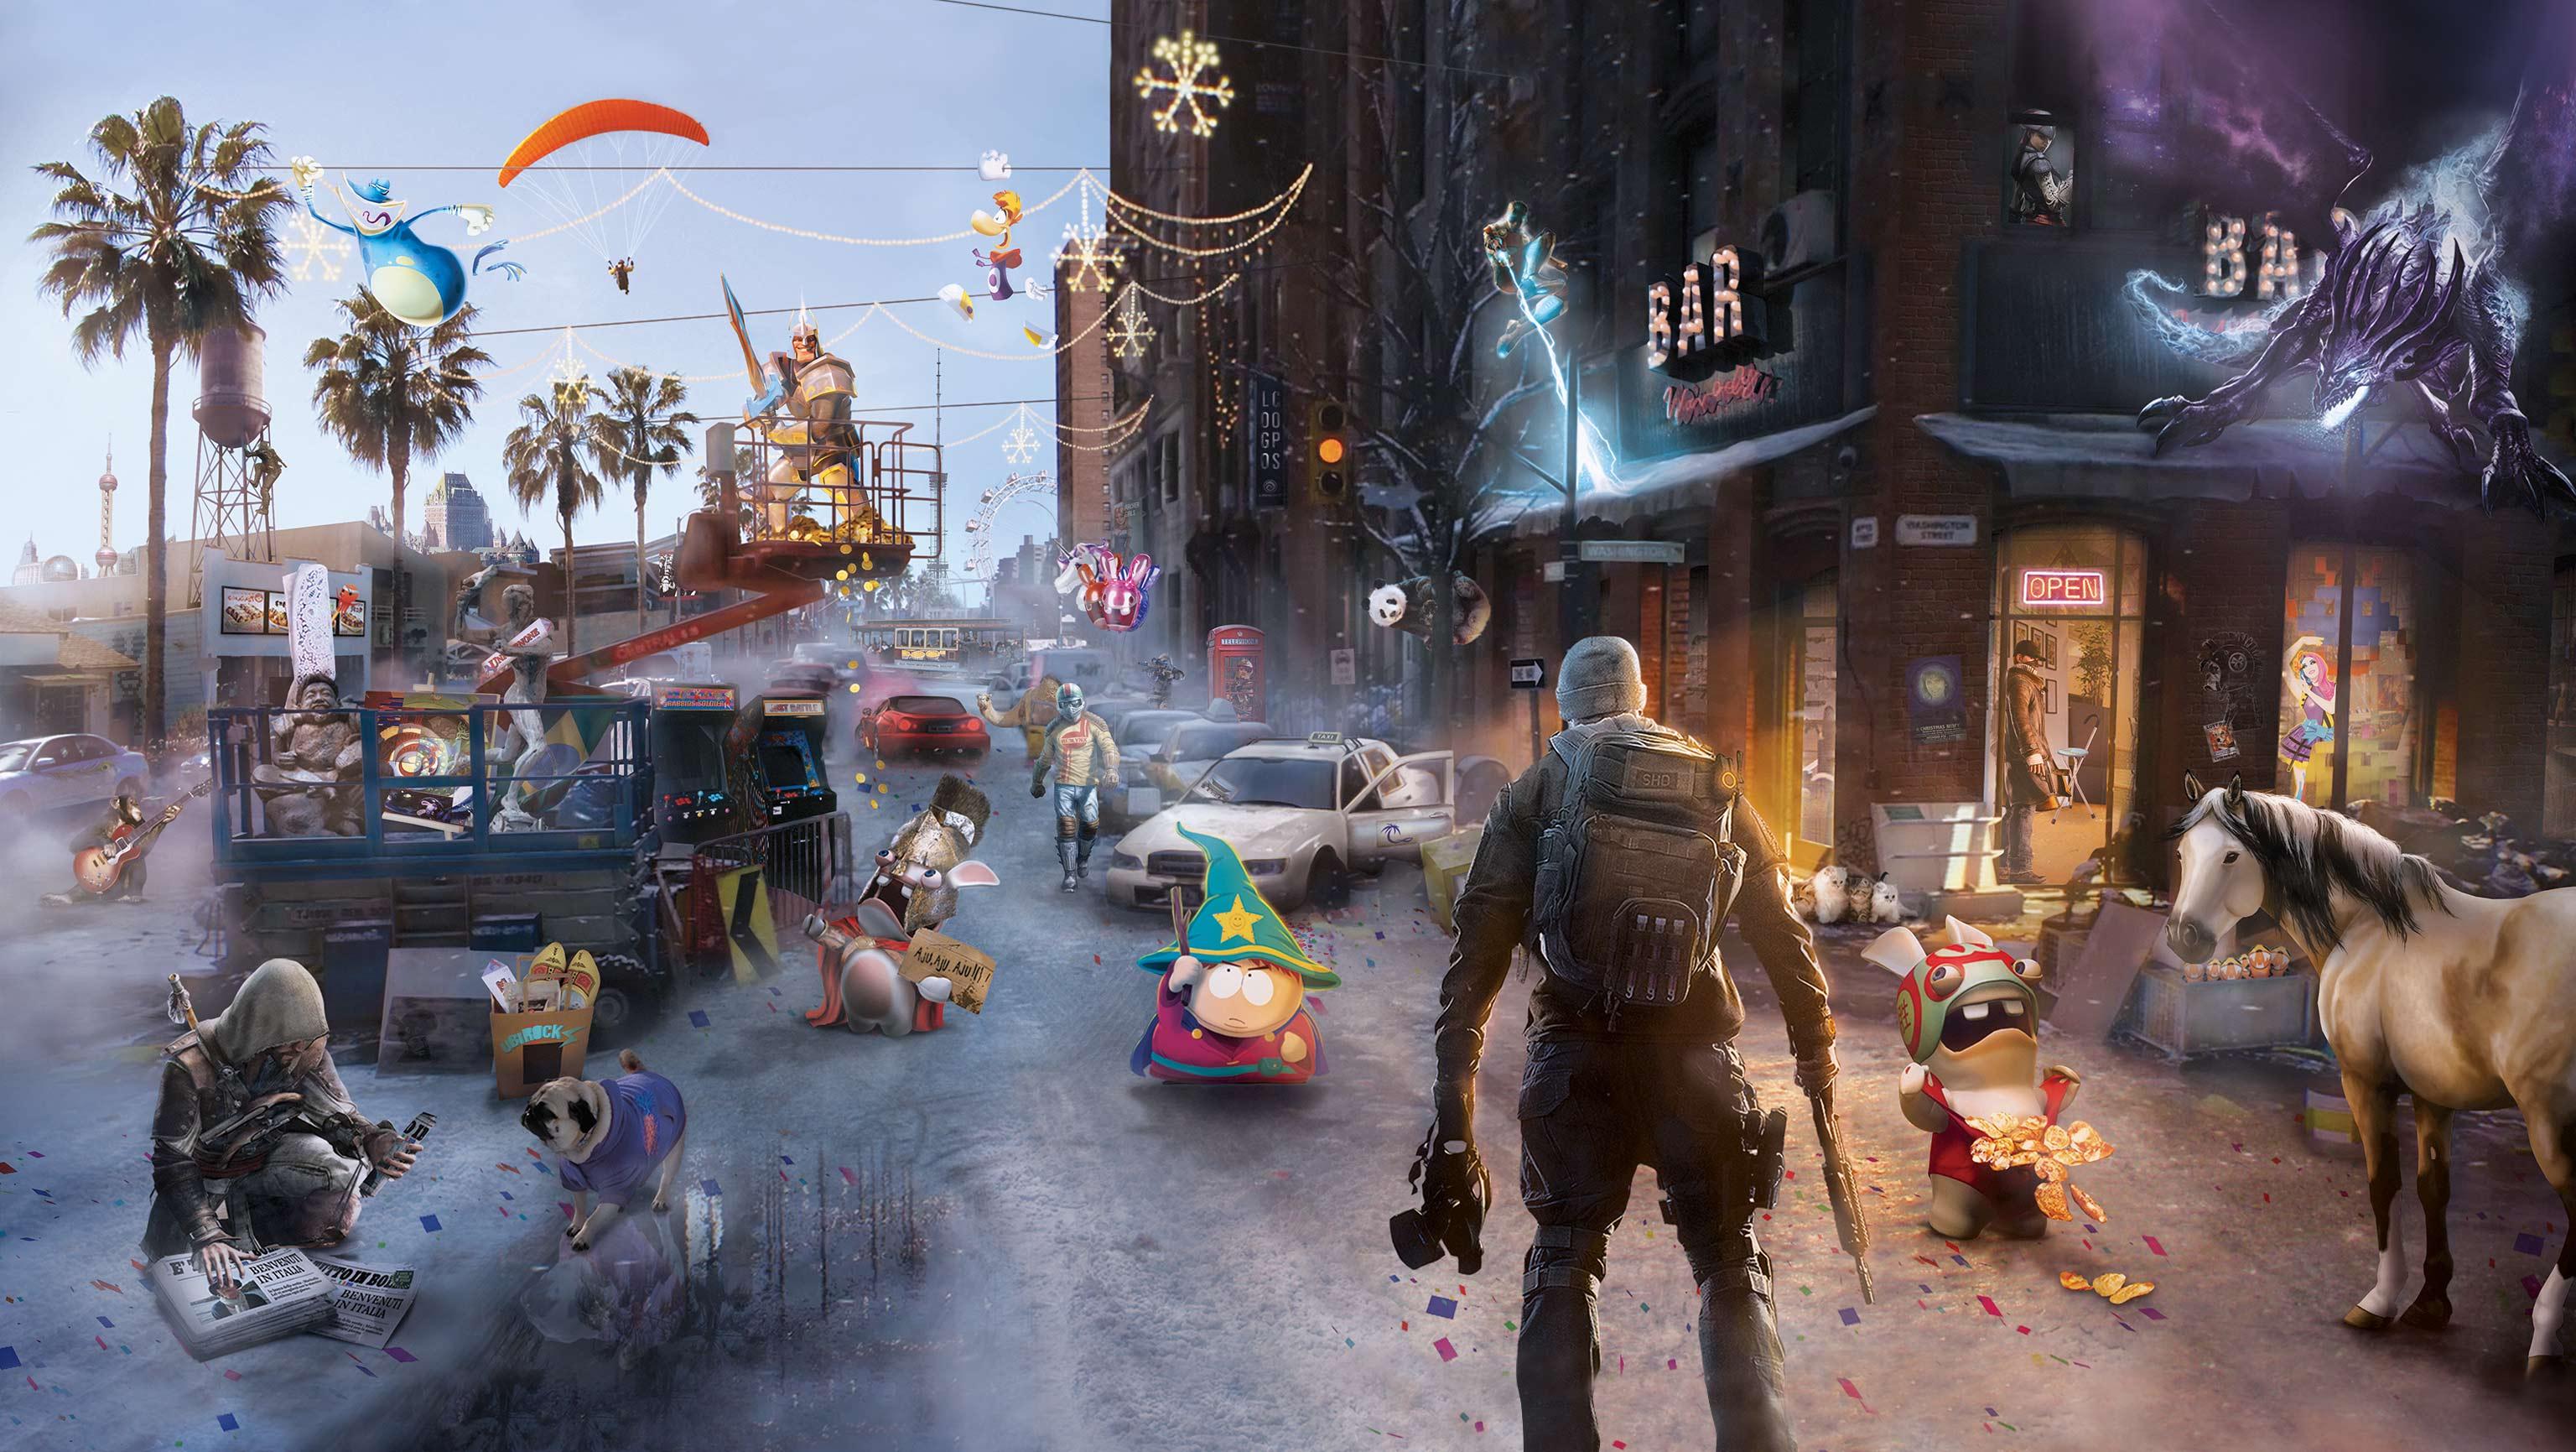 Meilleurs vœux pour 2014 de la part d'Ubisoft